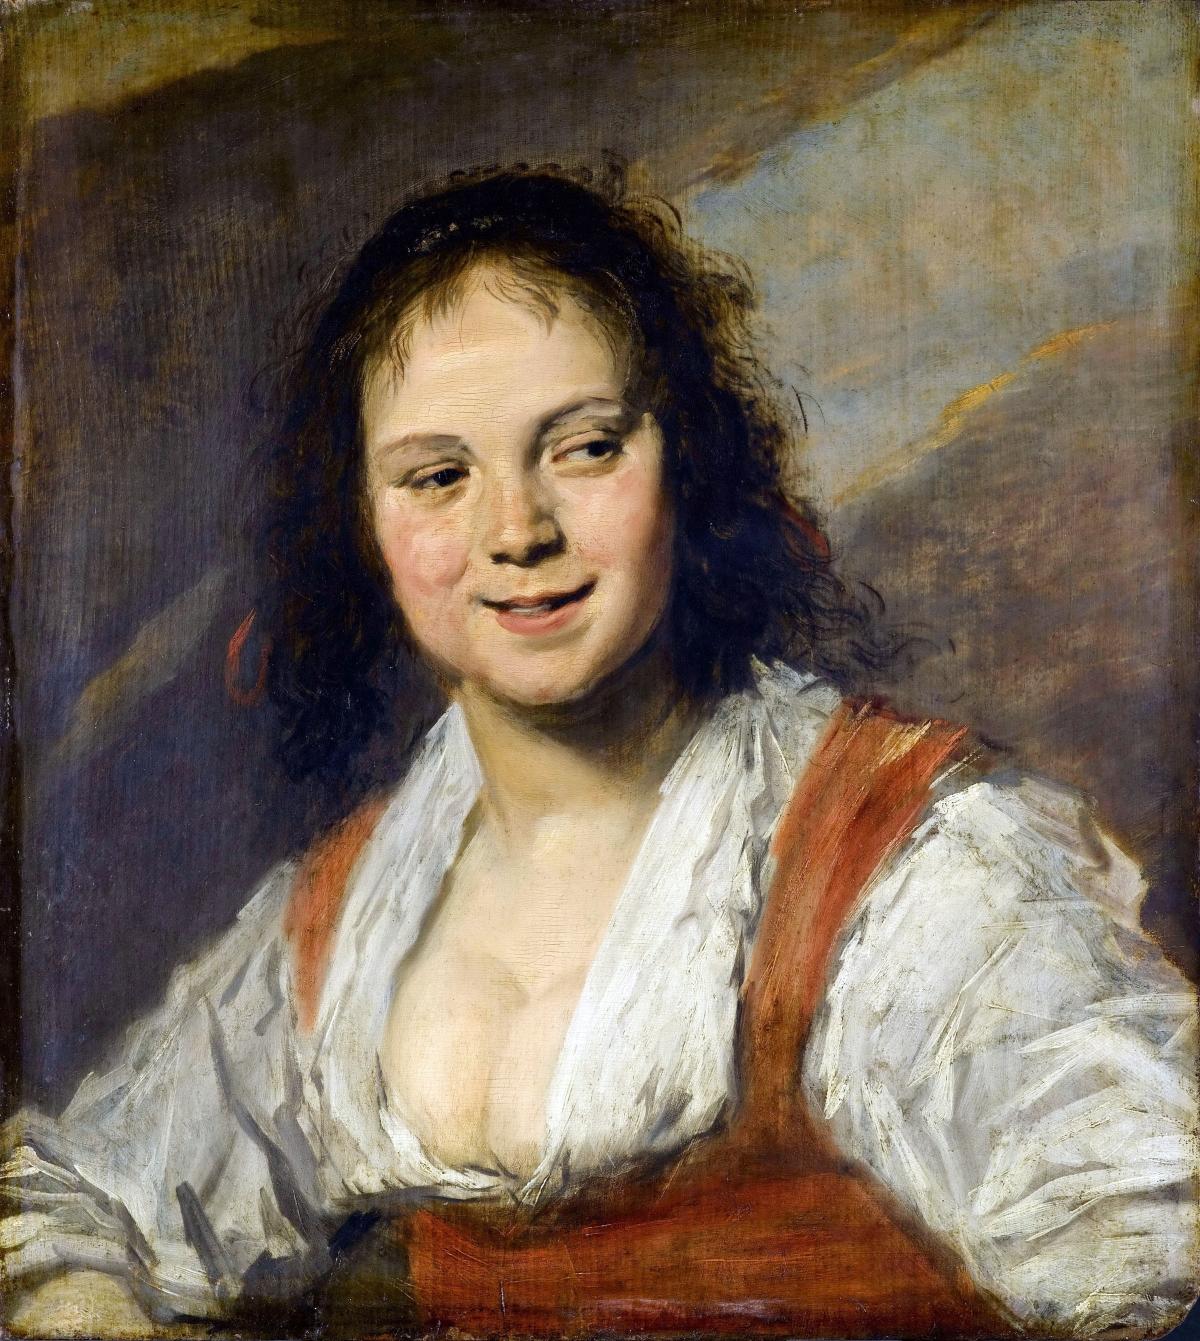 La Bohémienne tableau peint par Frans Hals